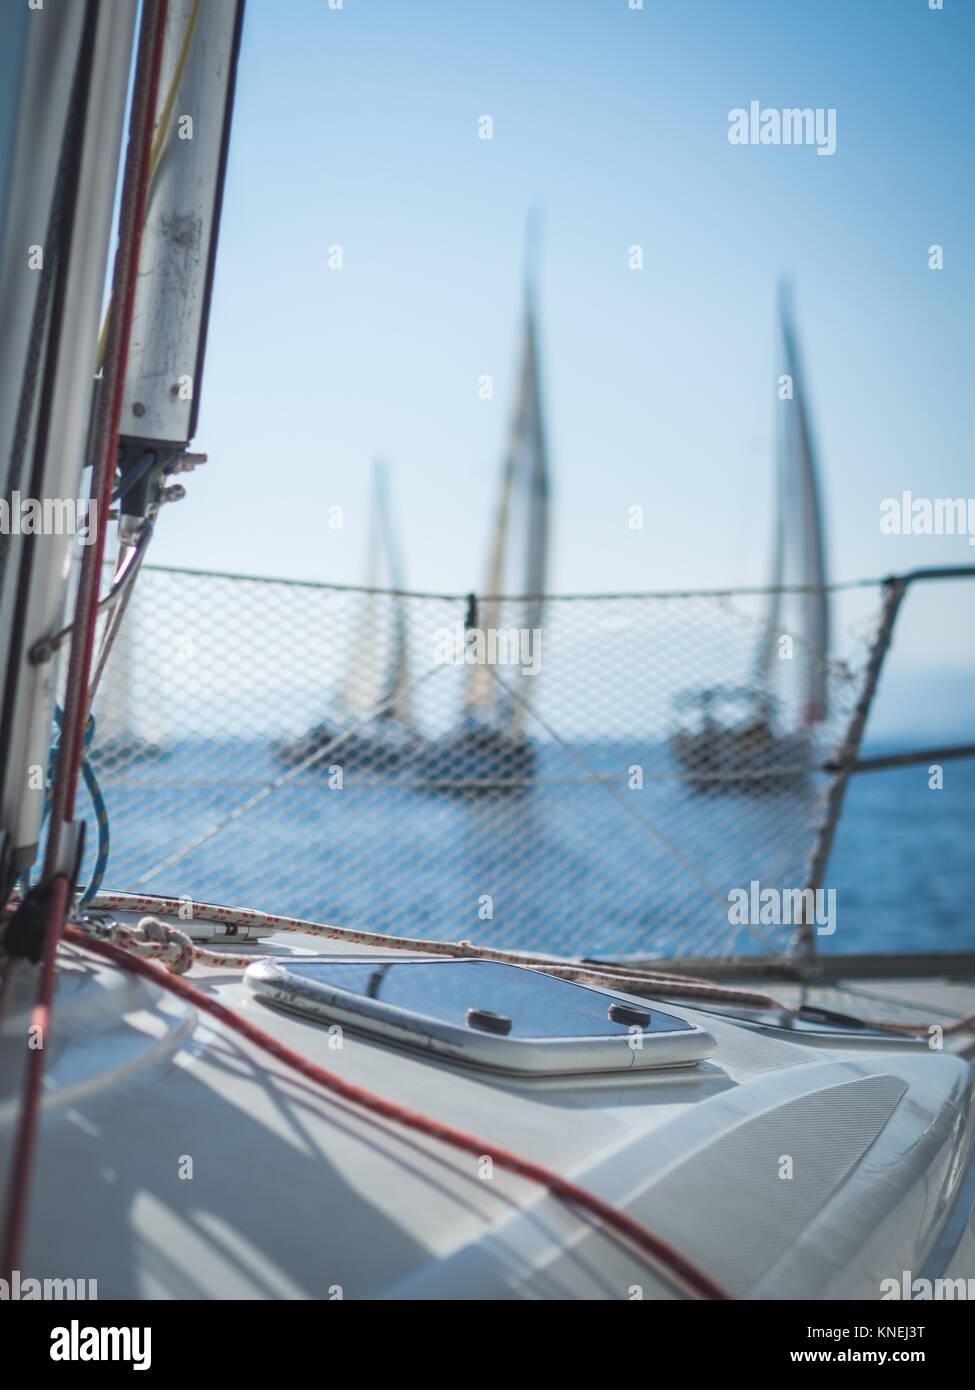 Fenster Luke auf einem Segelboot und Boote Racing im Hintergrund, Kavala, Griechenland Stockbild